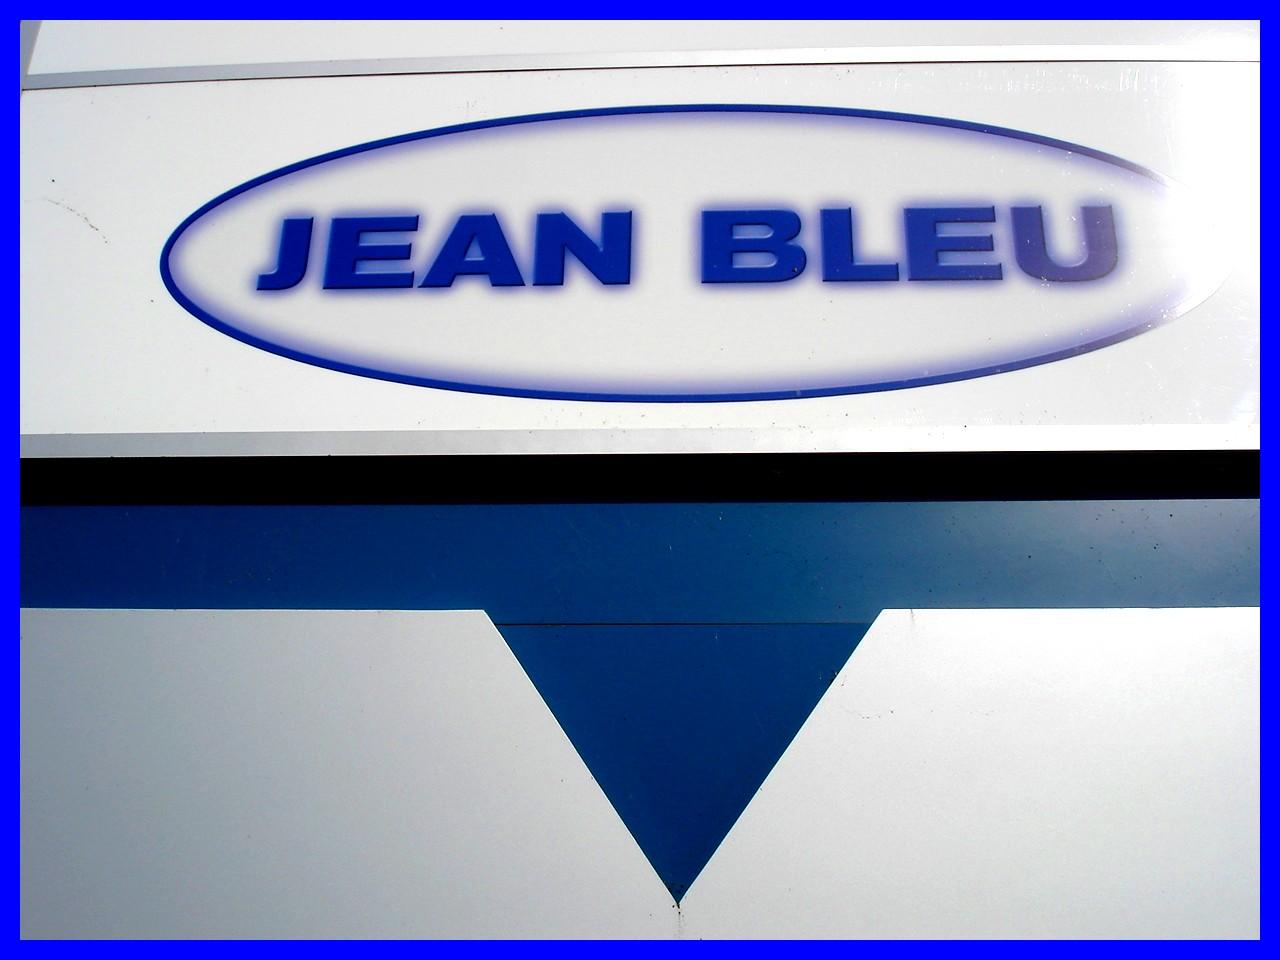 Jeans Bleu / Blue jeans - Dans ma ville  / Hometown - 12 octobre 2008.